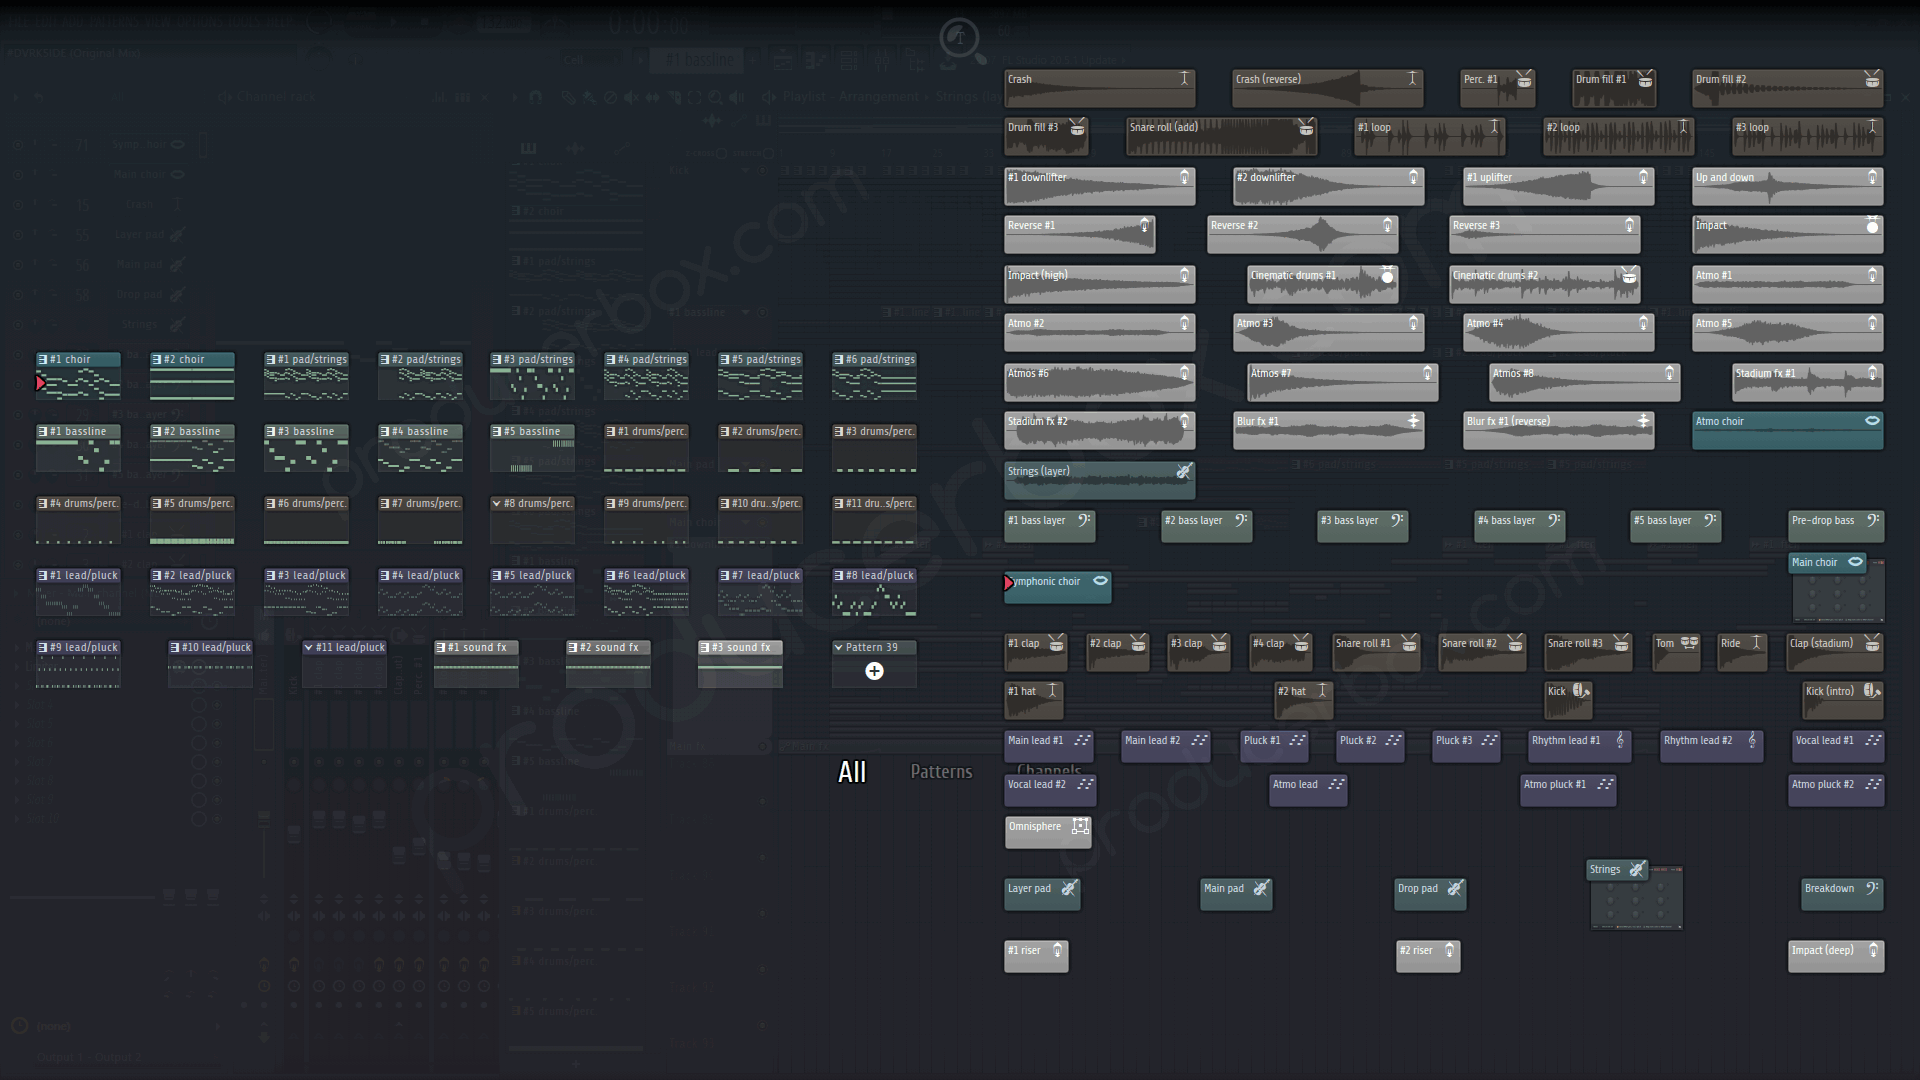 Frainbreeze - DVRK5IDE - FL Studio Template (ASOT898 Supported)